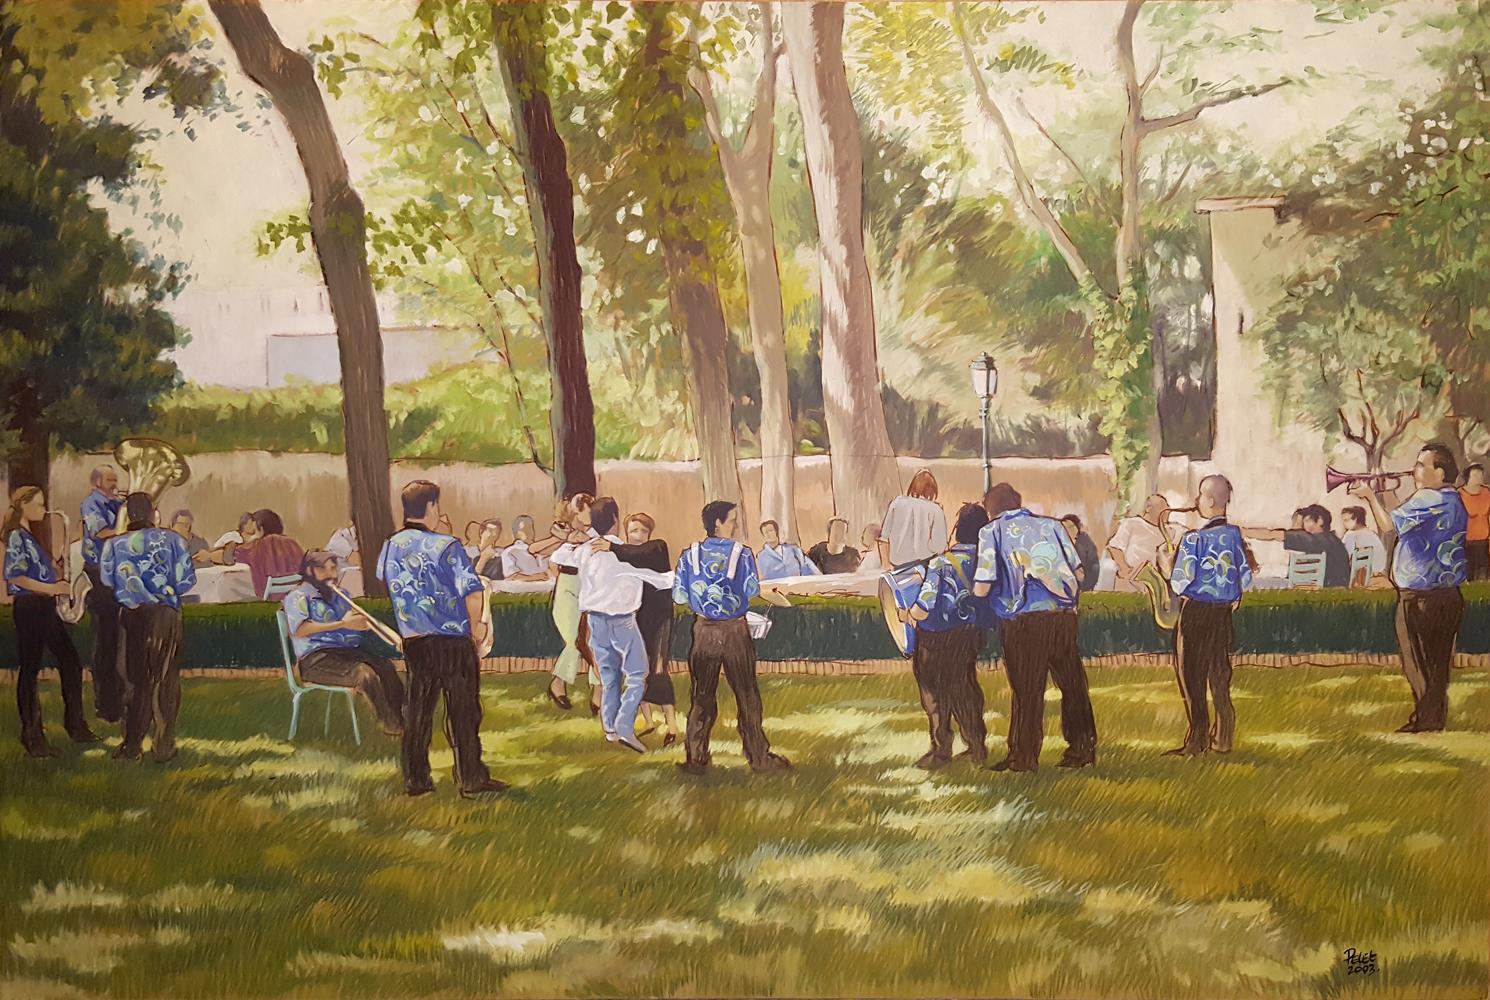 Claude Pelet Artiste Peintre - Pena au parc